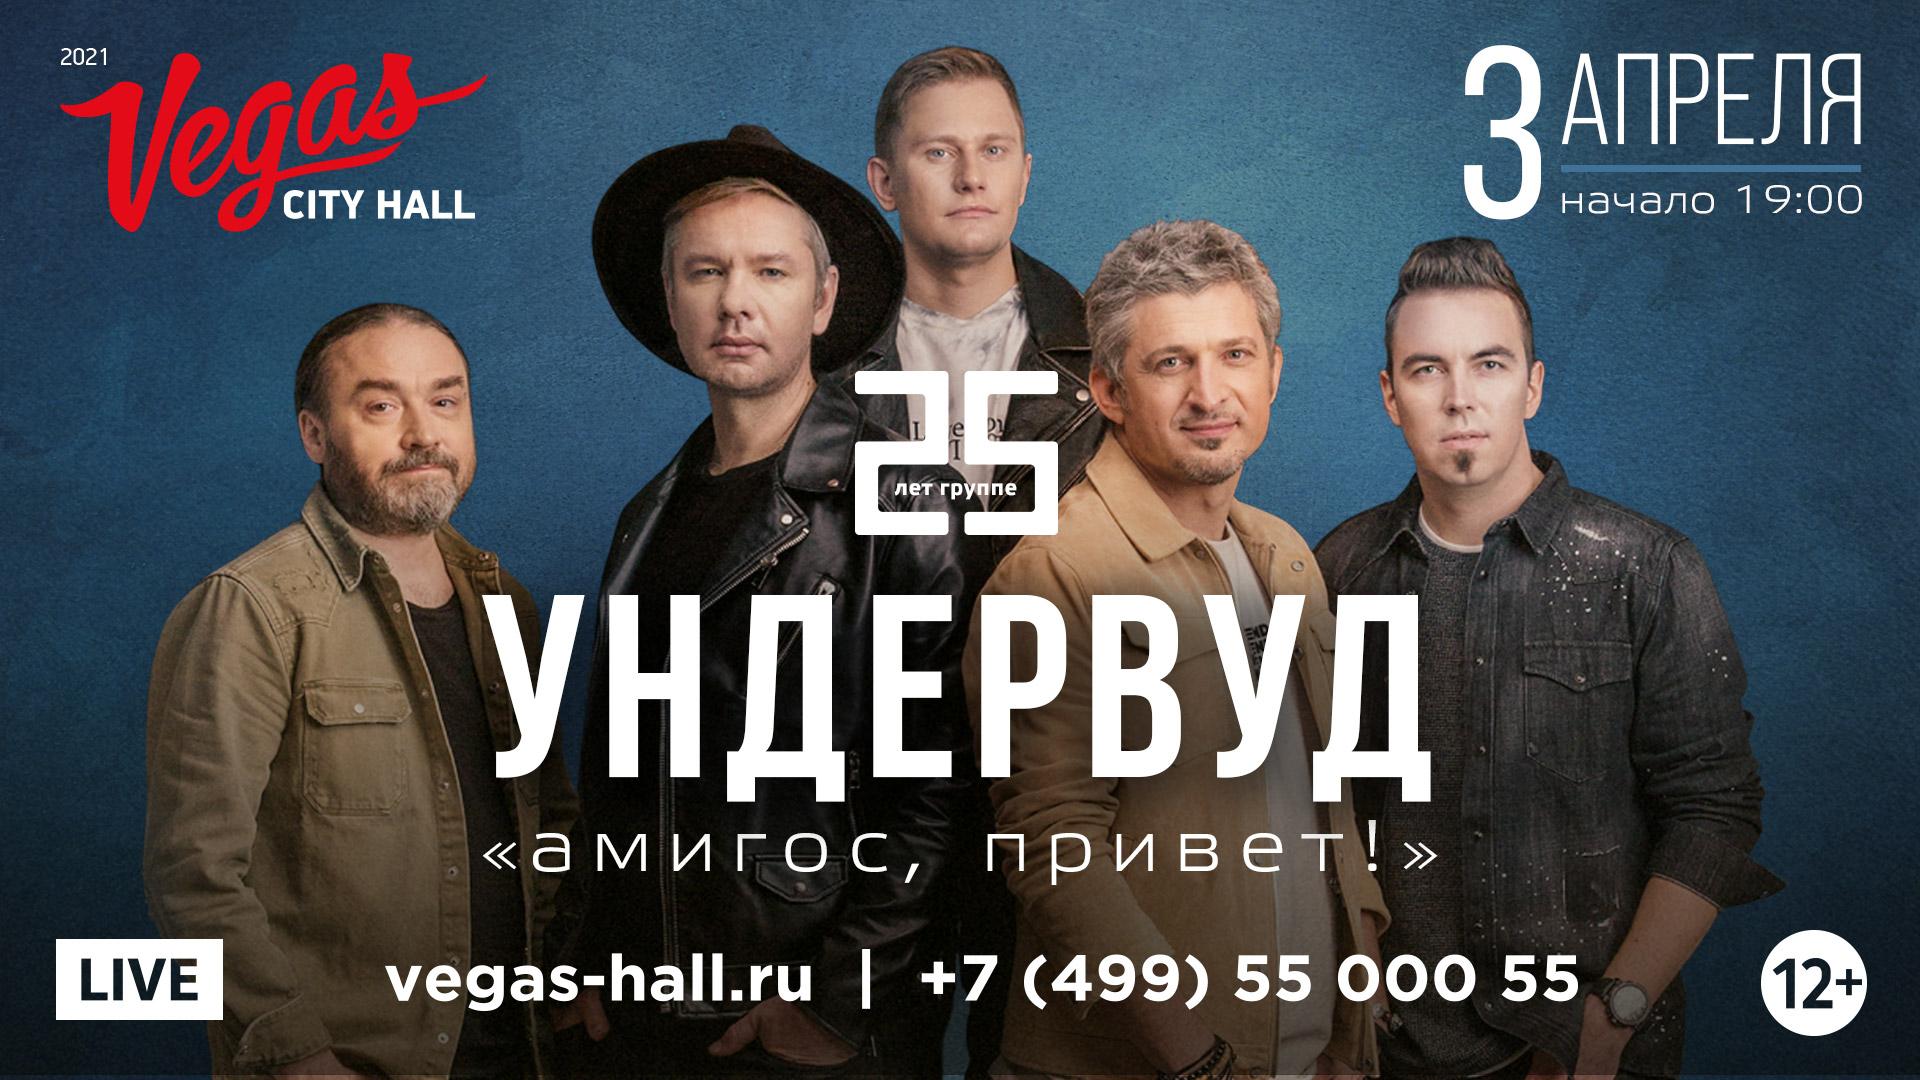 Юбилейный концерт в Москве переносится на весну.